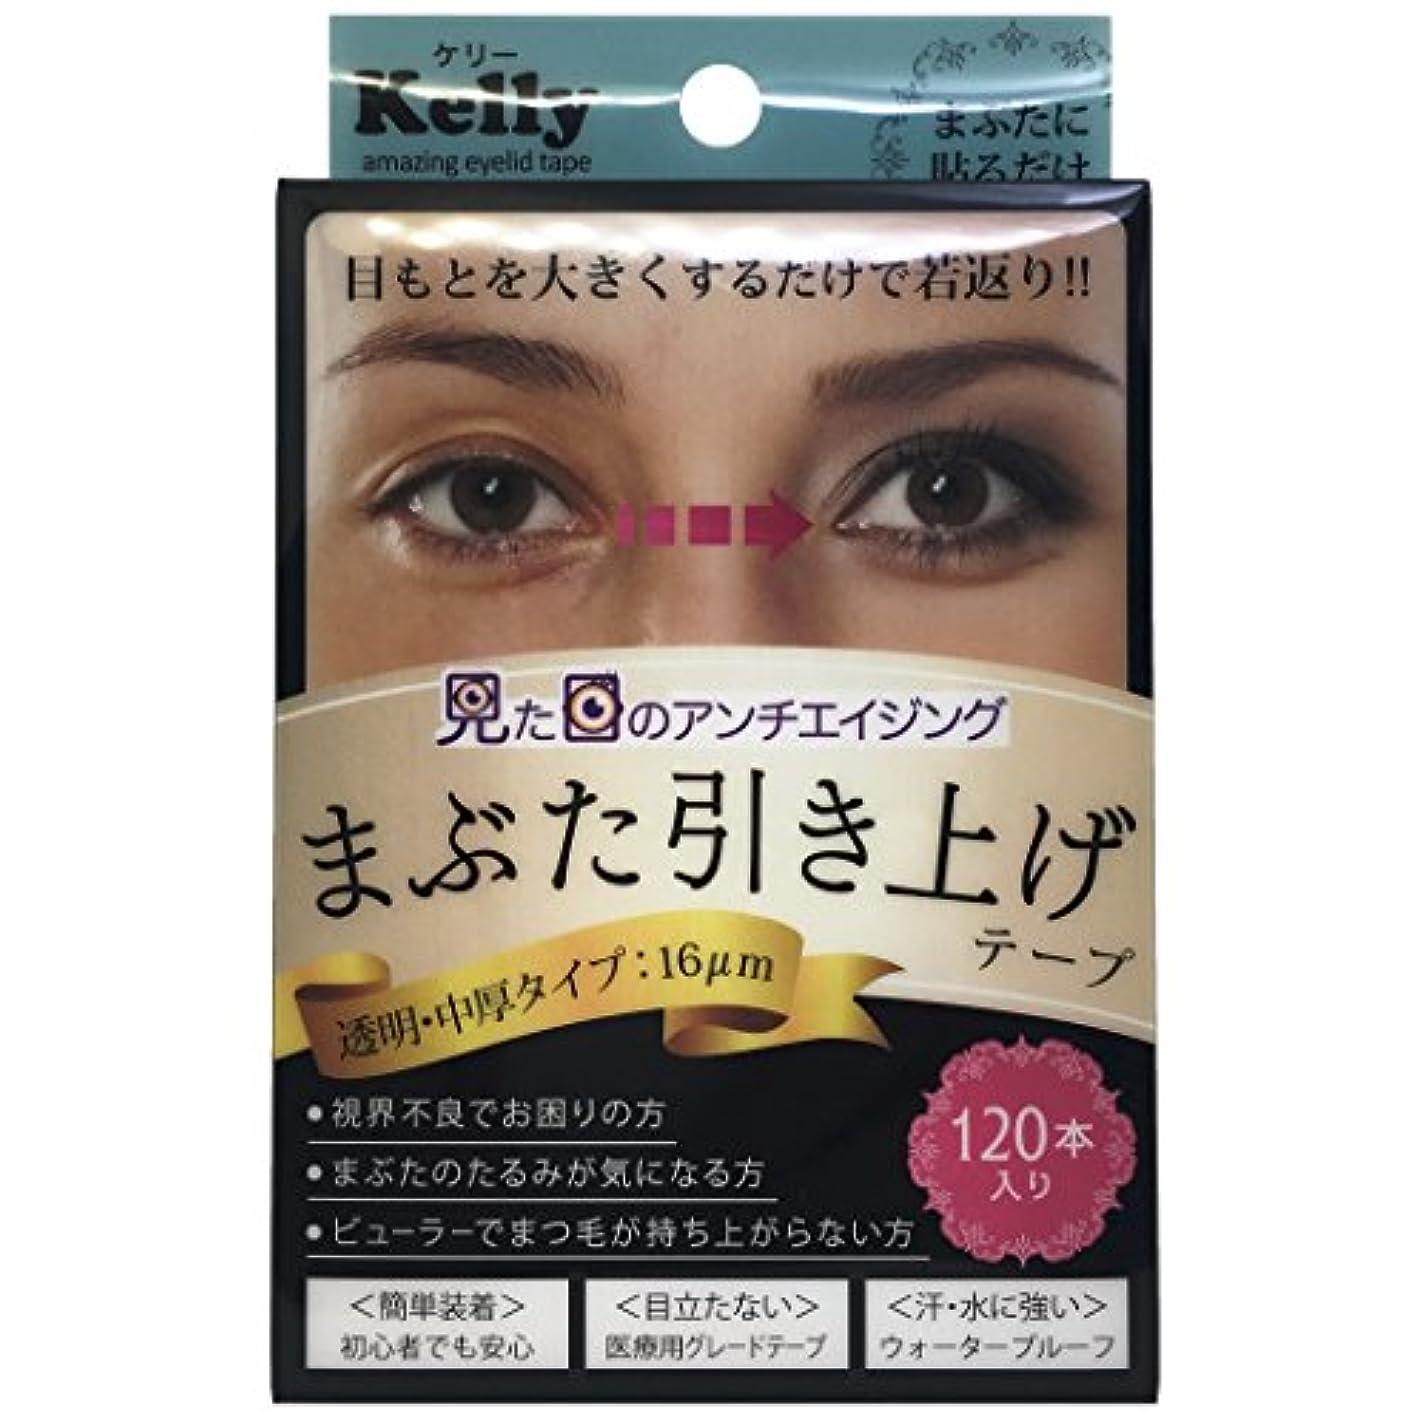 デマンド履歴書広告するケリー アメイジングアイリッドテープ 〈眼瞼下垂防止テープ〉 クリア 両面 中厚芯 (120枚入)